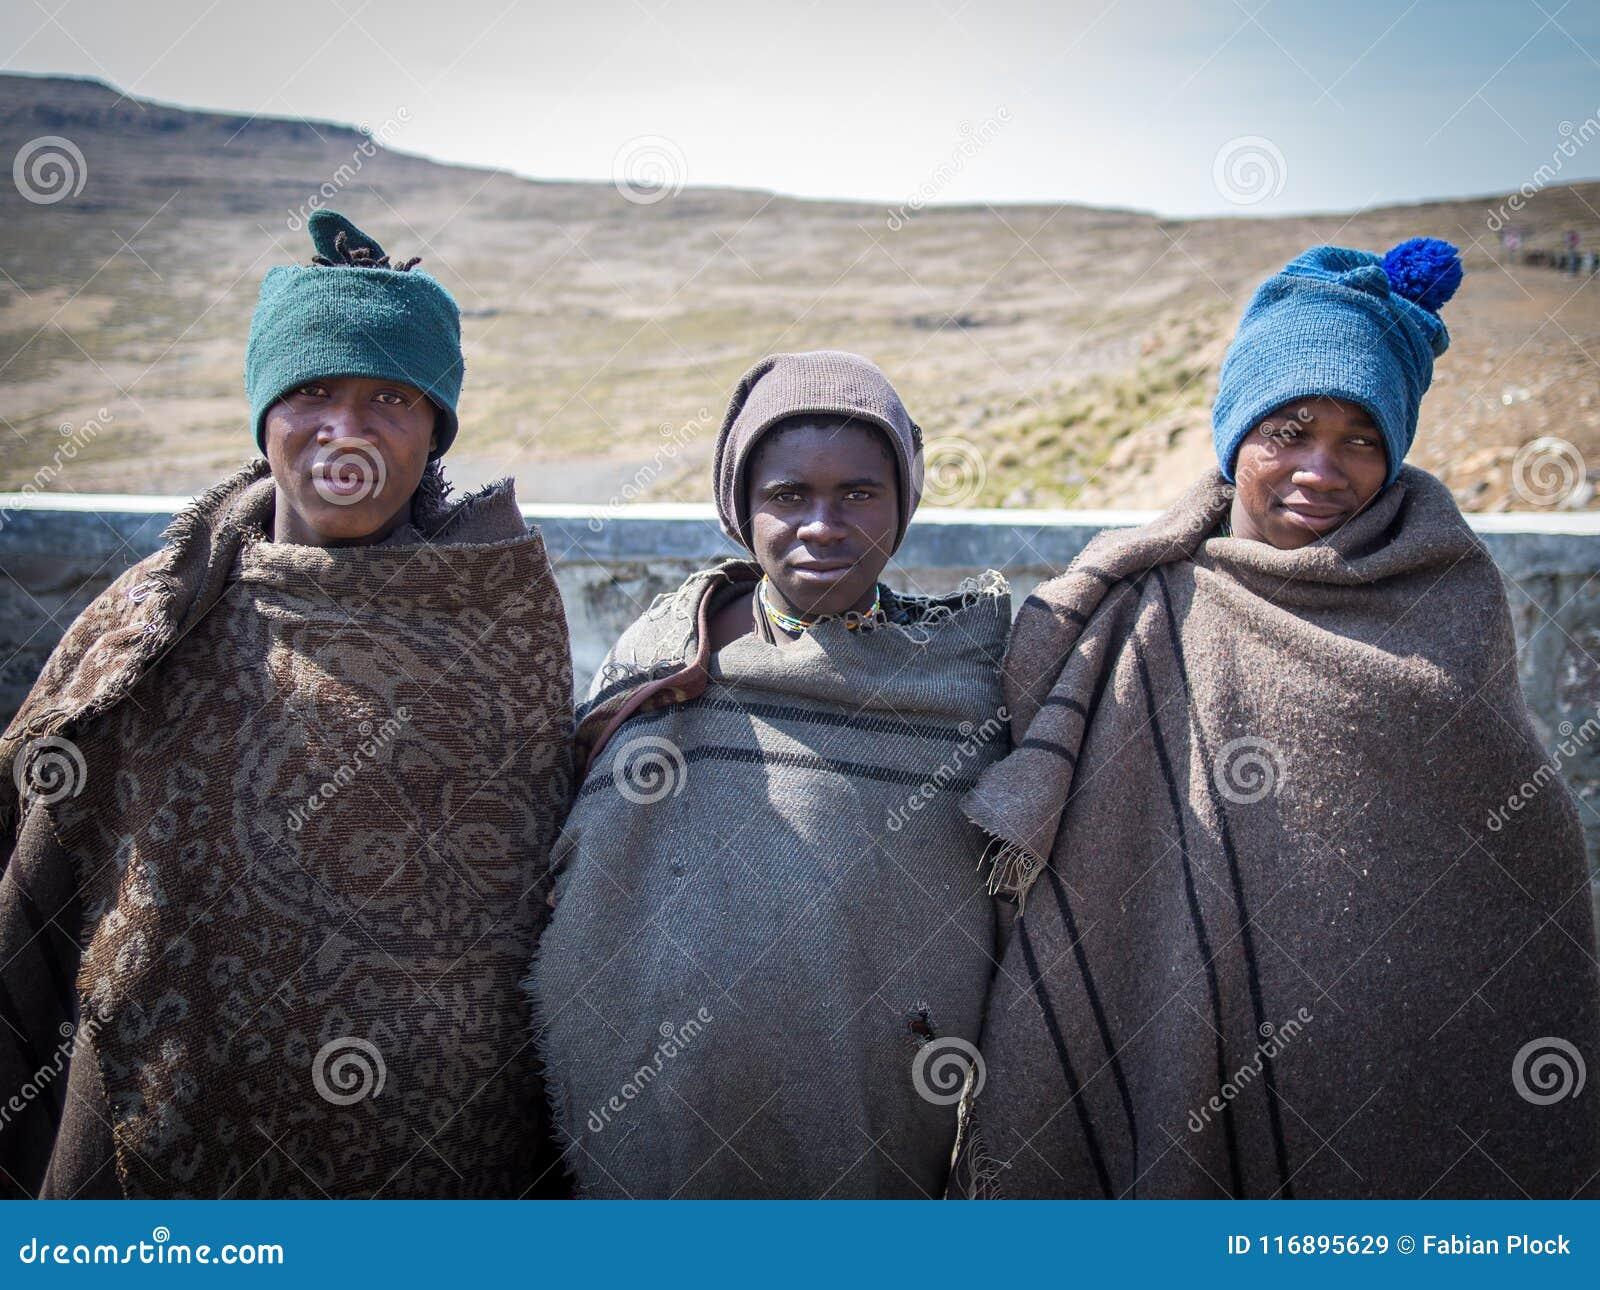 Mokhotlong Lesotho - September 11, 2016: Tre oidentifierade unga afrikanska sheperds i traditionella tjocka filtar